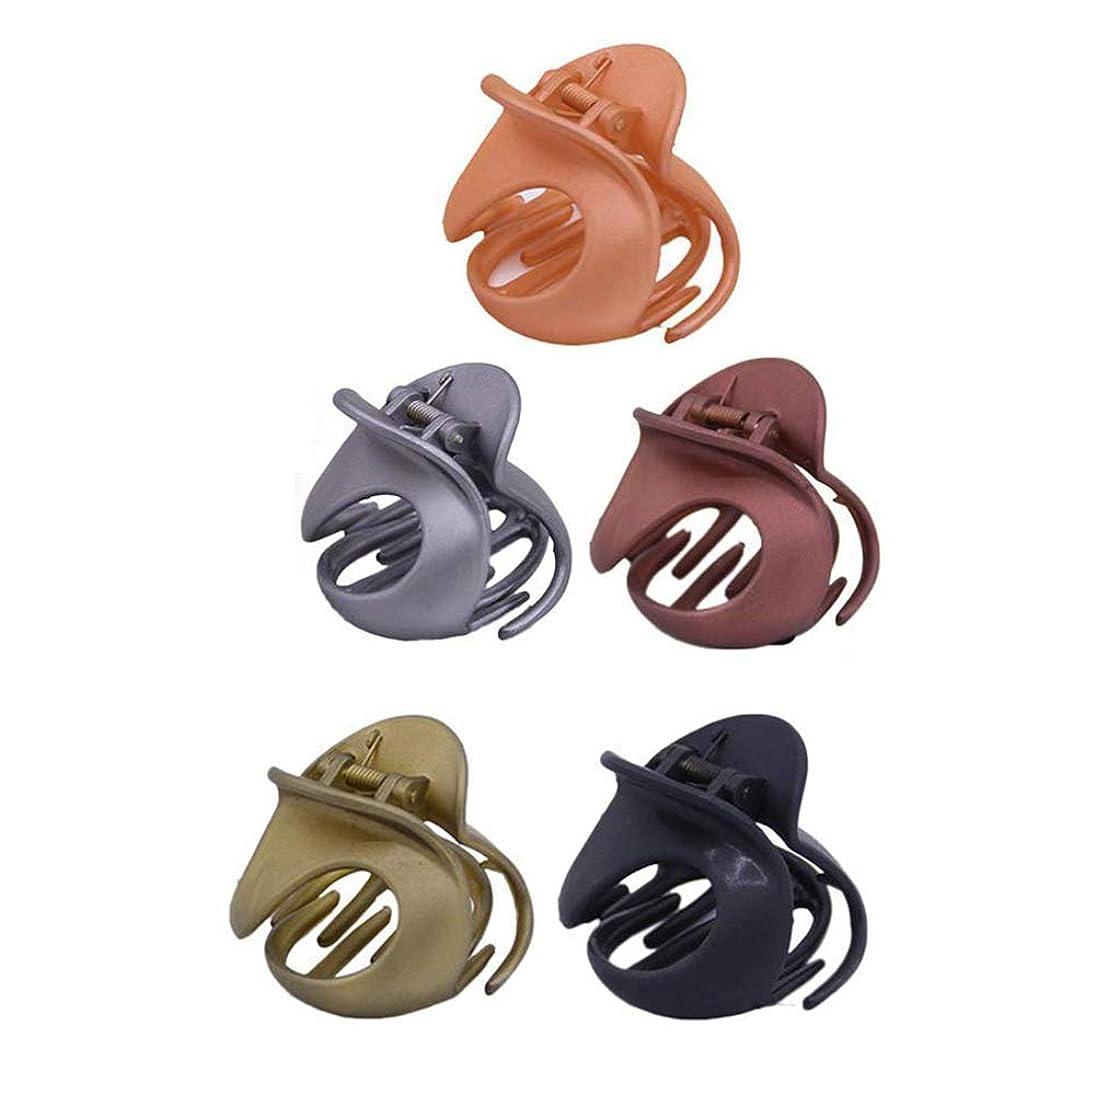 名門評論家リフト5つのシンプルなヘアアクセサリー 強力な固定ヘアクリップ 滑り止めヘアクリップ 多機能ヘアクリップ